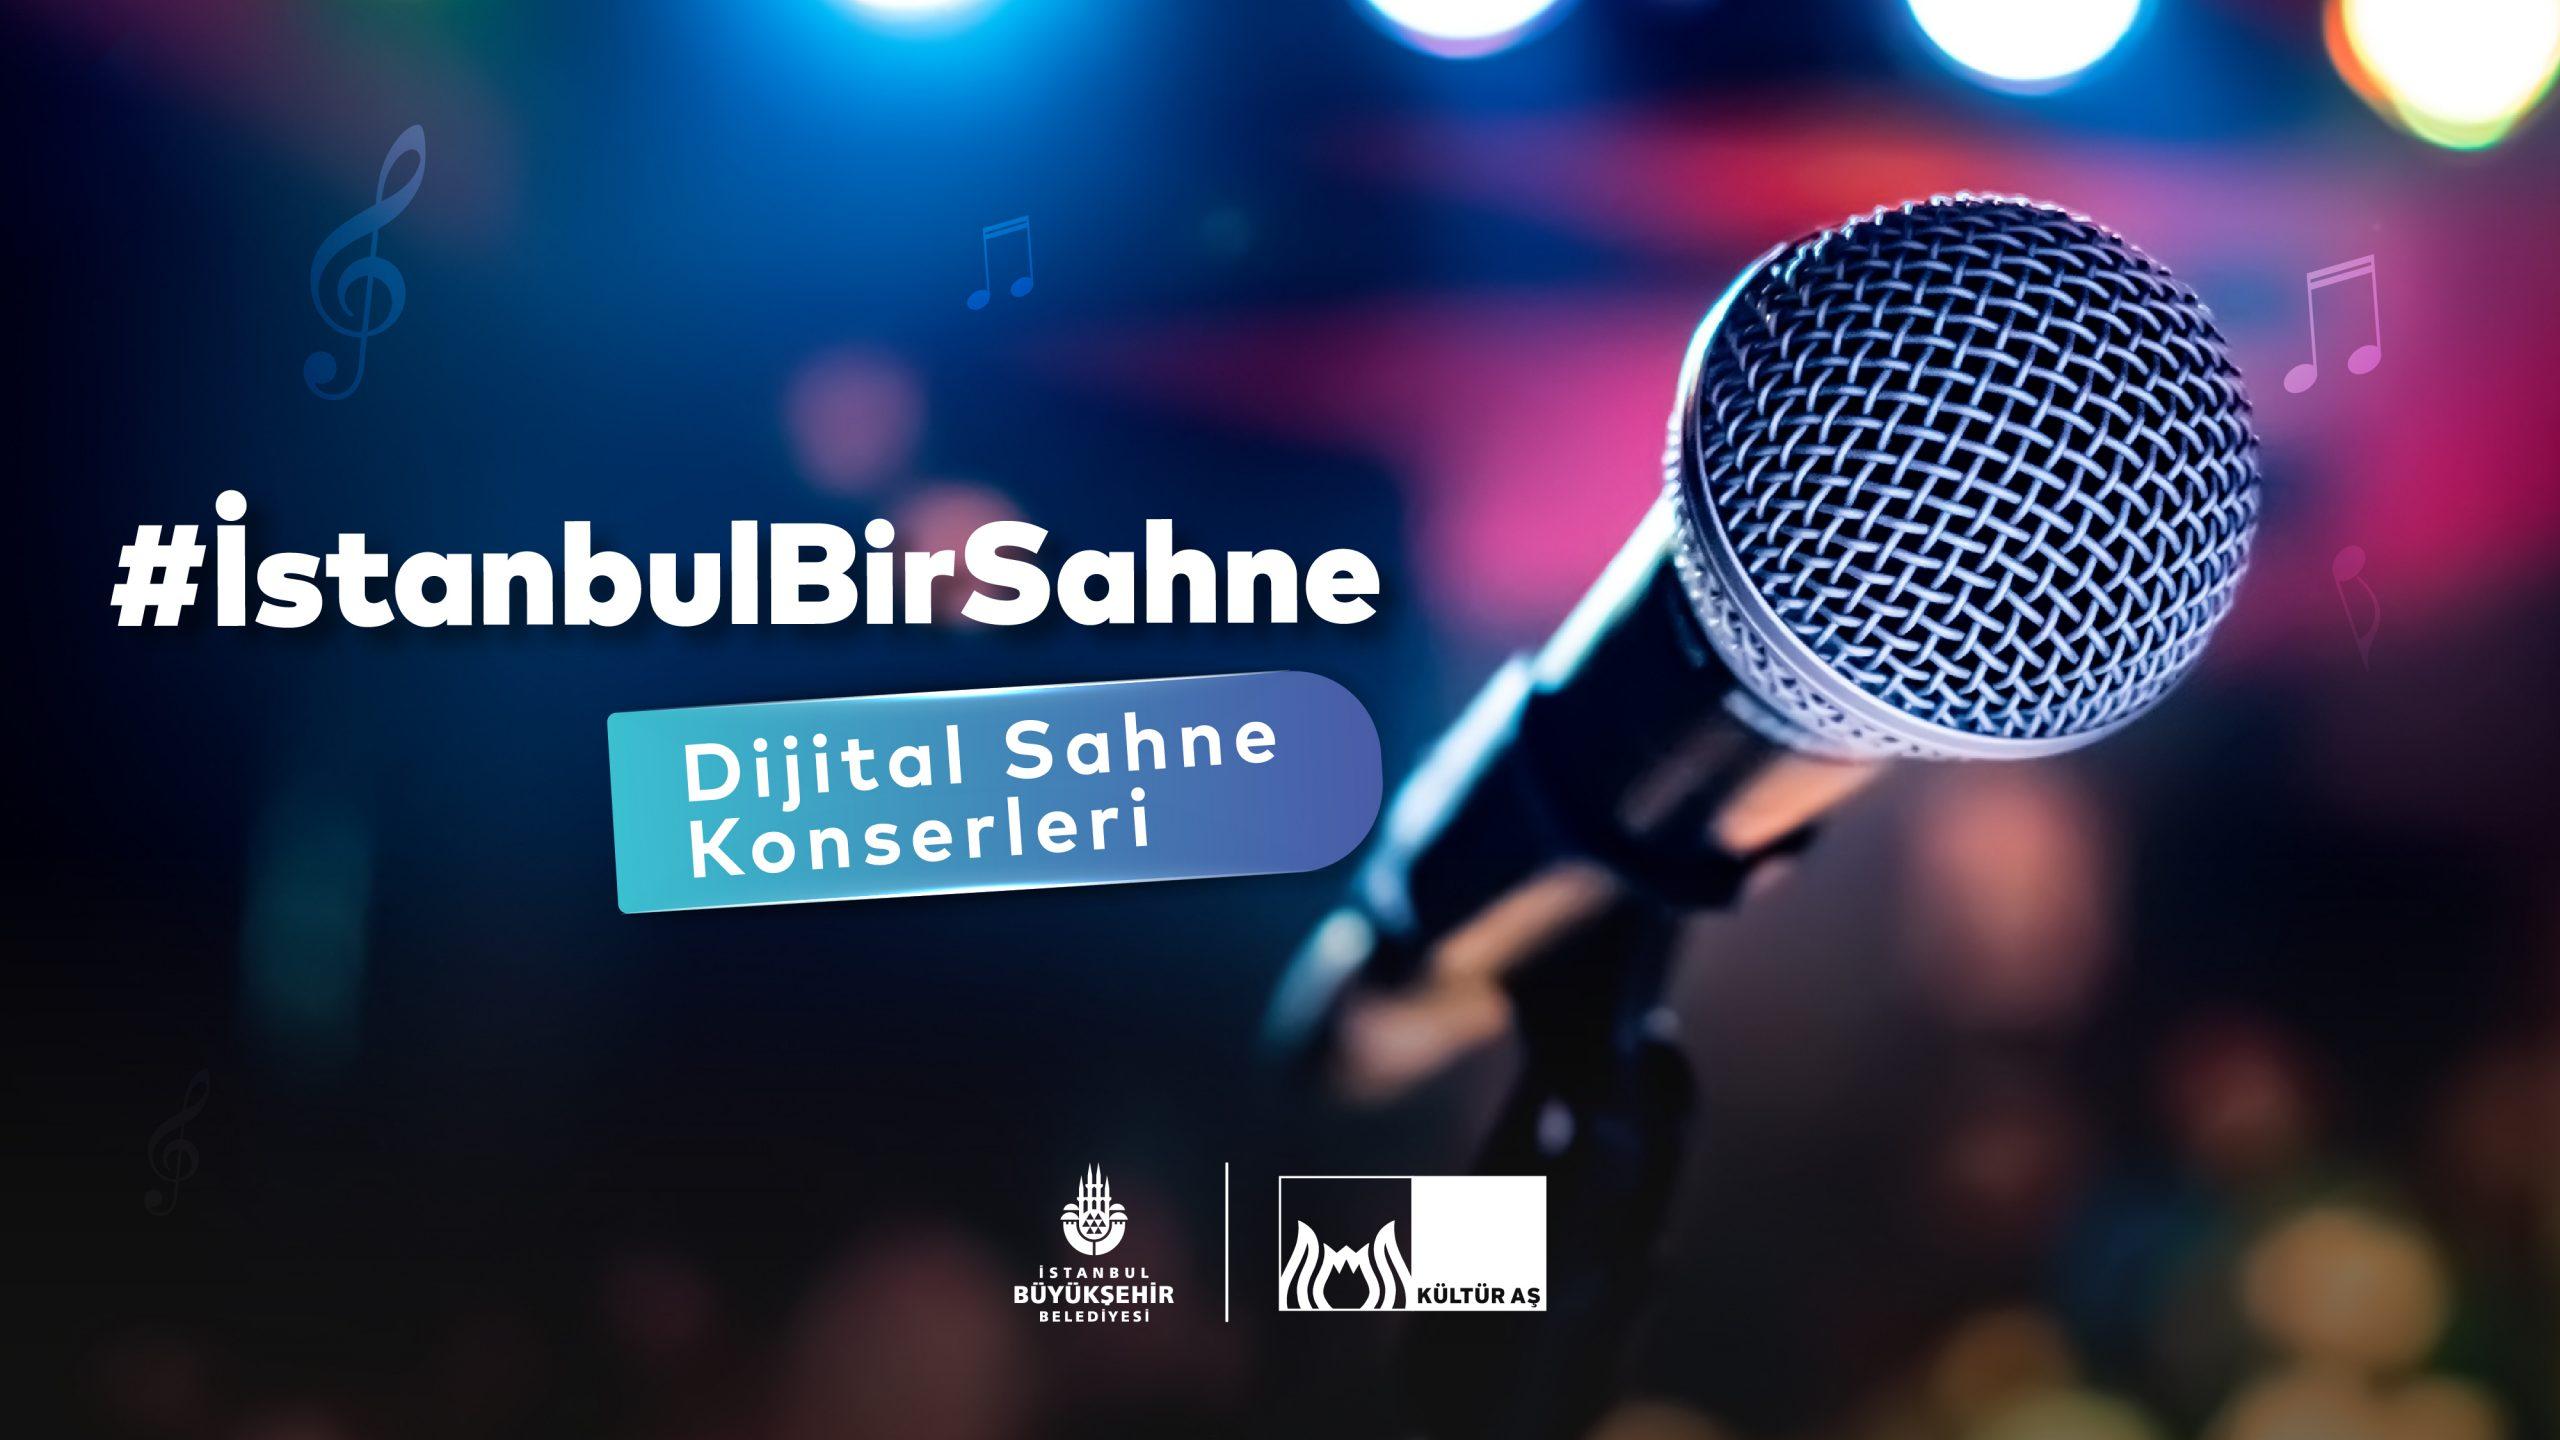 #İstanbulBirSahne, Dijital Sahne konserleri başladı!